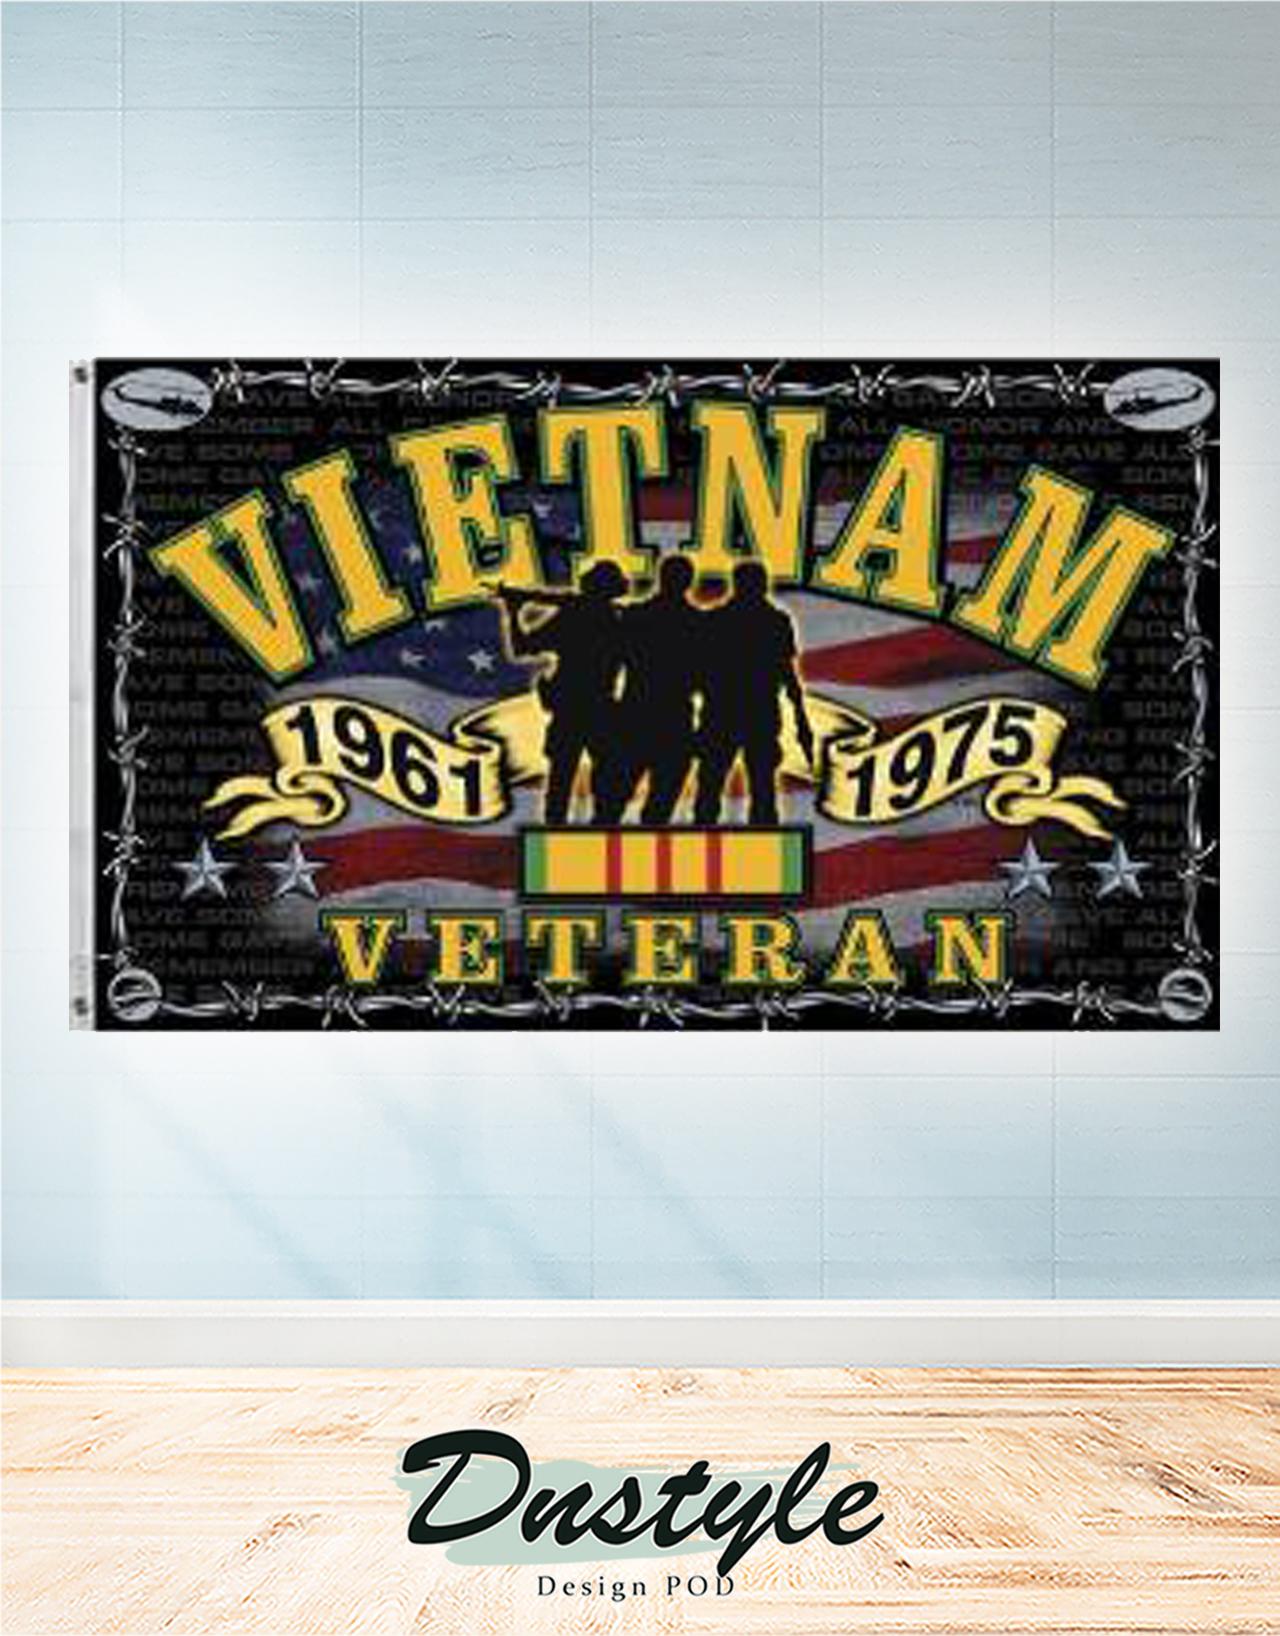 Vietnam veteran memorial flag